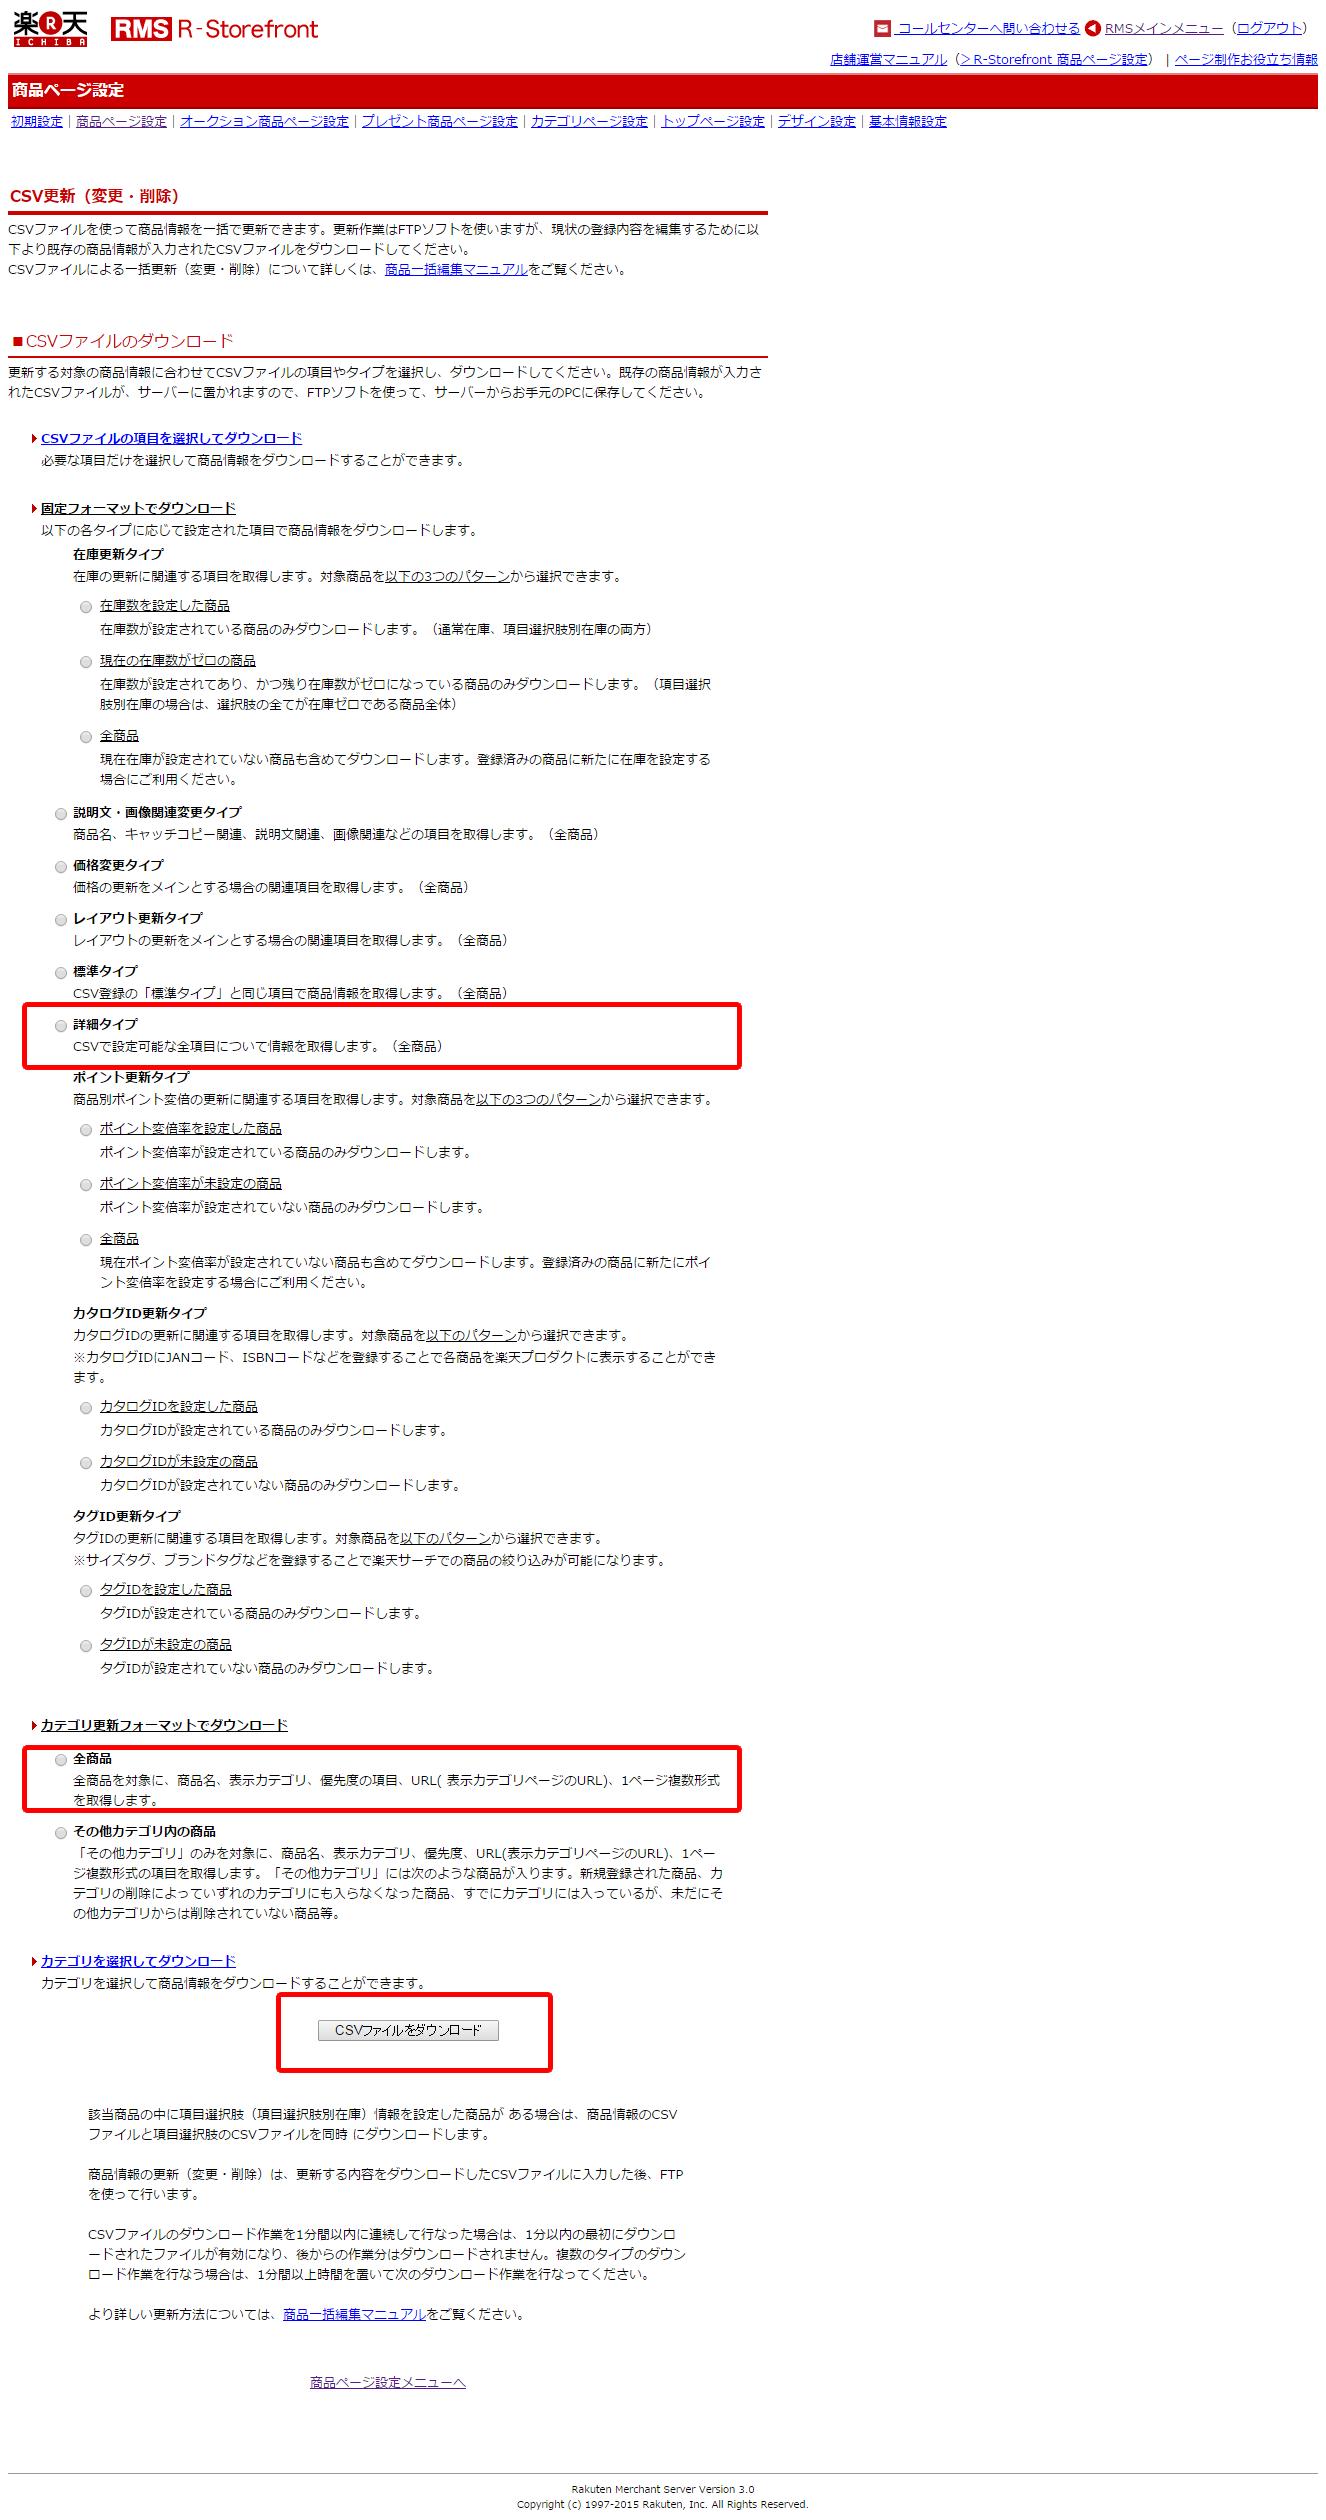 楽天RMS 商品データ CSVダウンロード方法